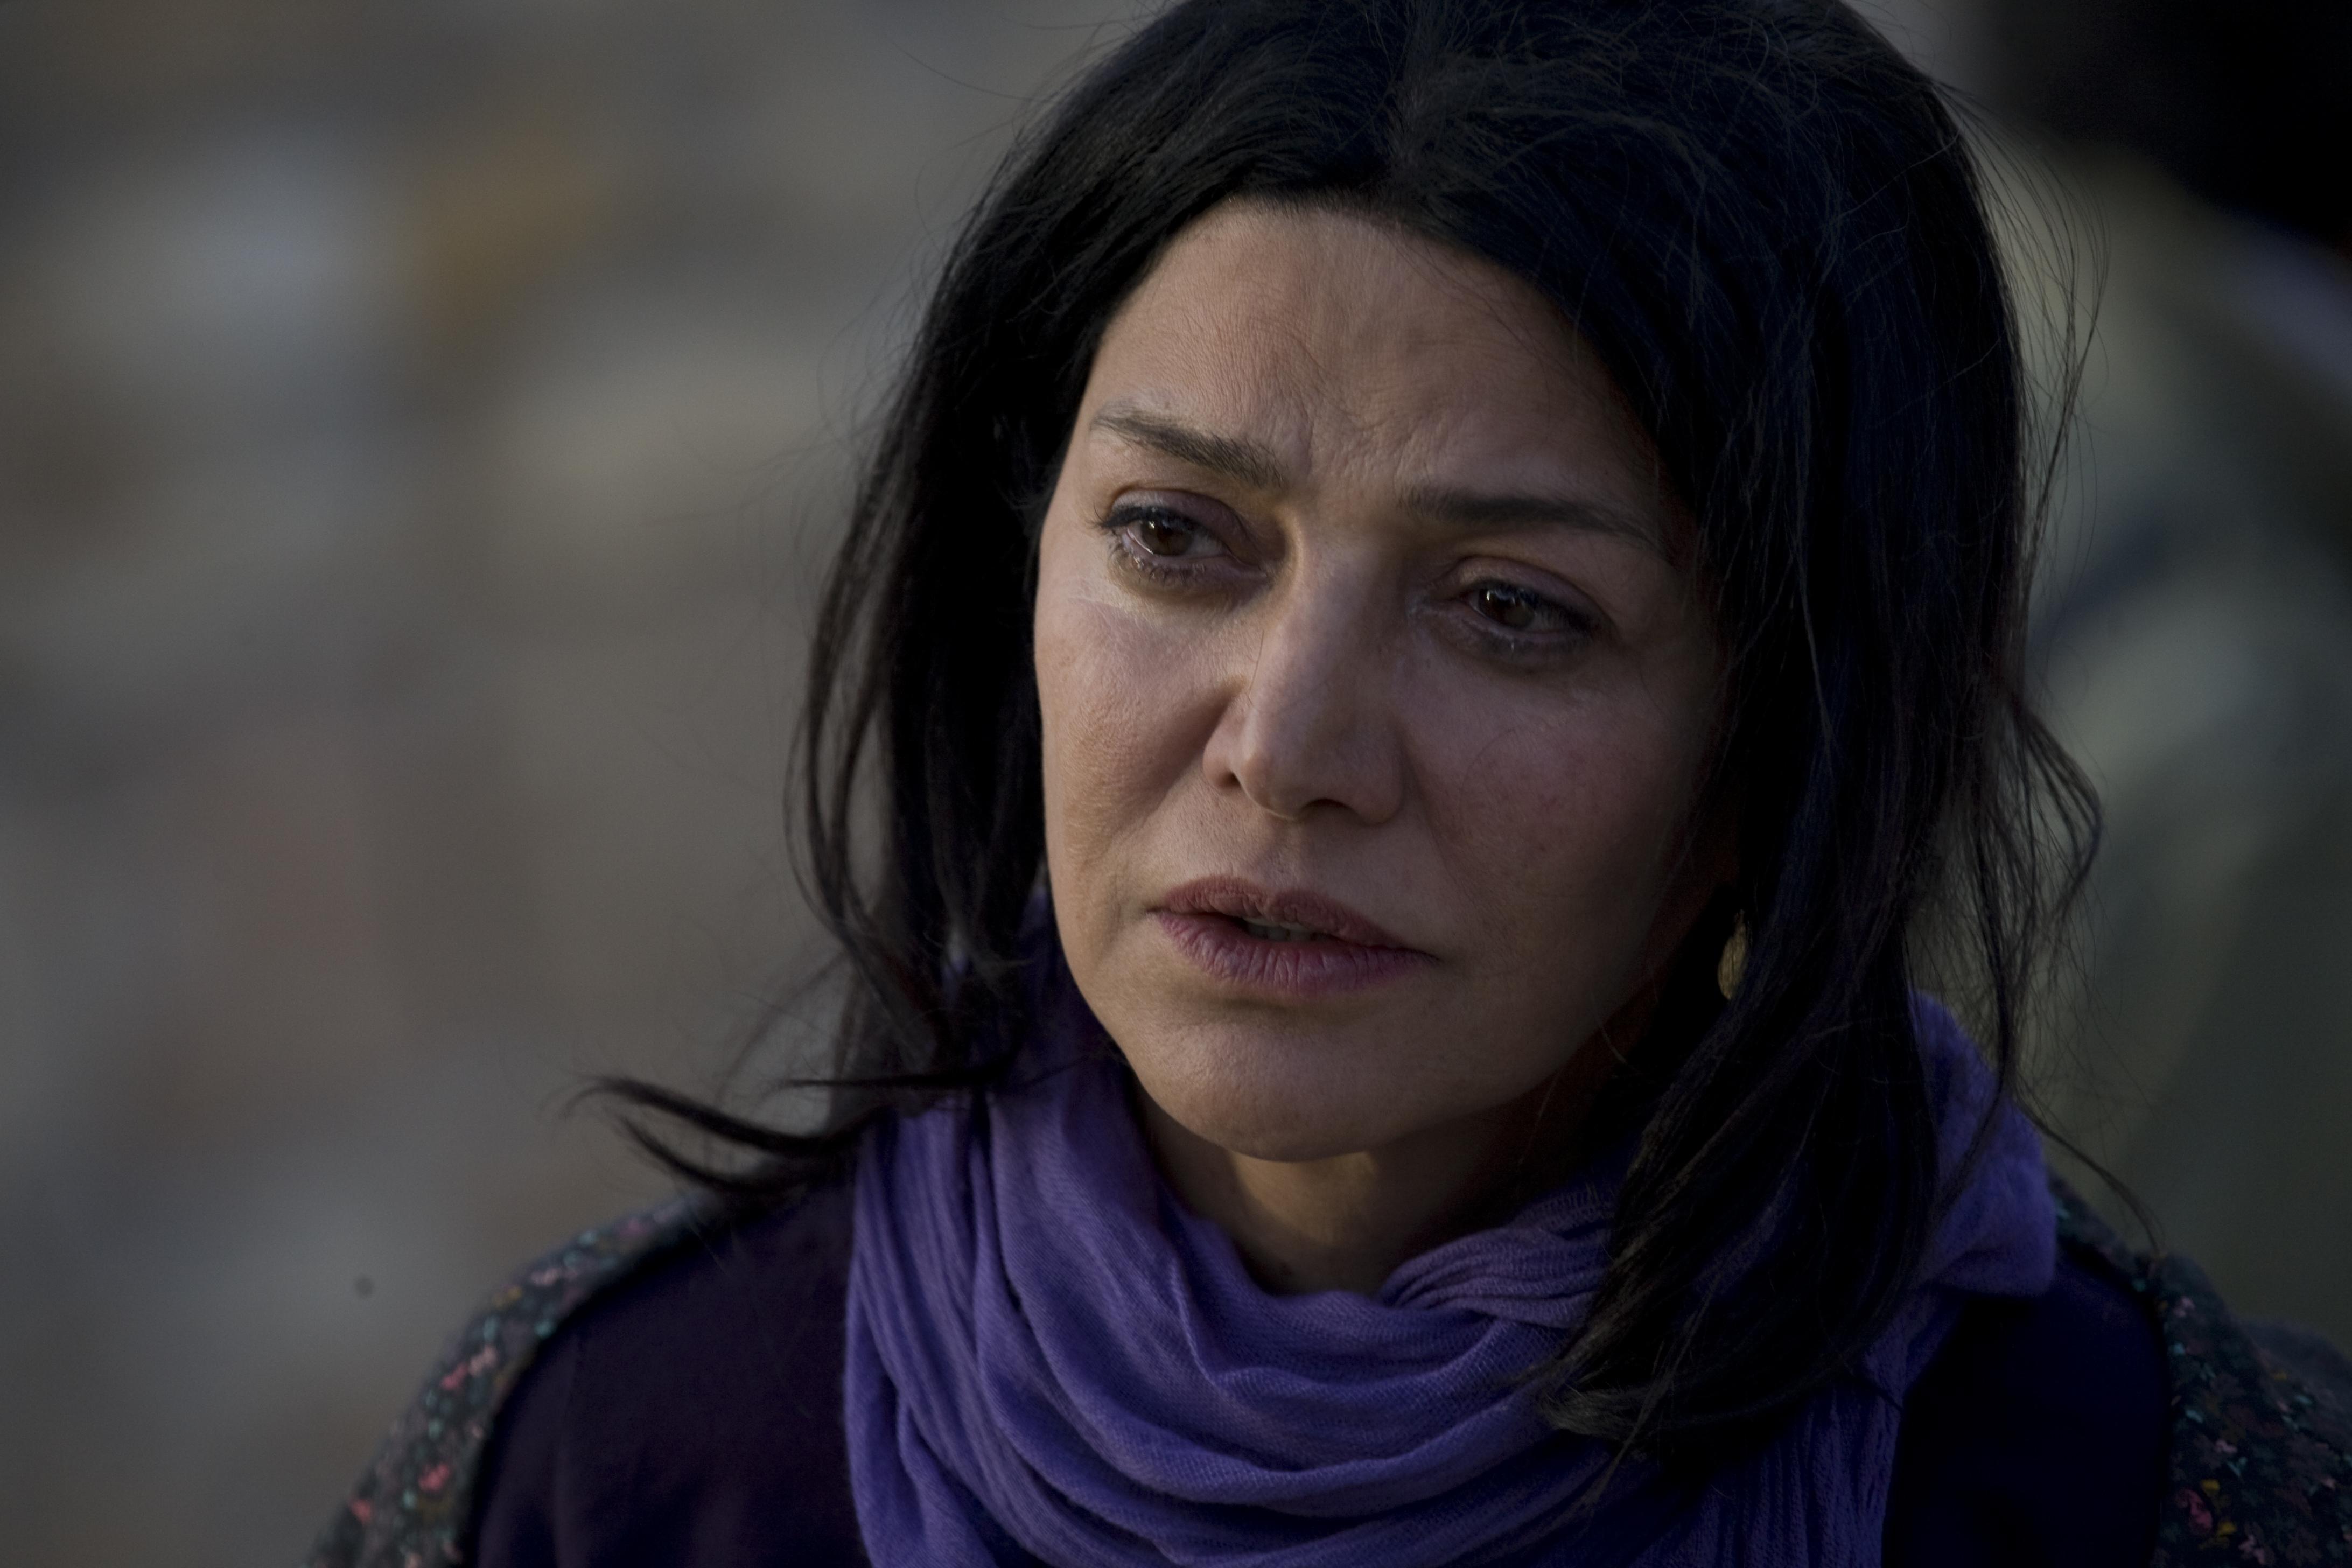 Aghdashloo in The Stoning of Soraya M.